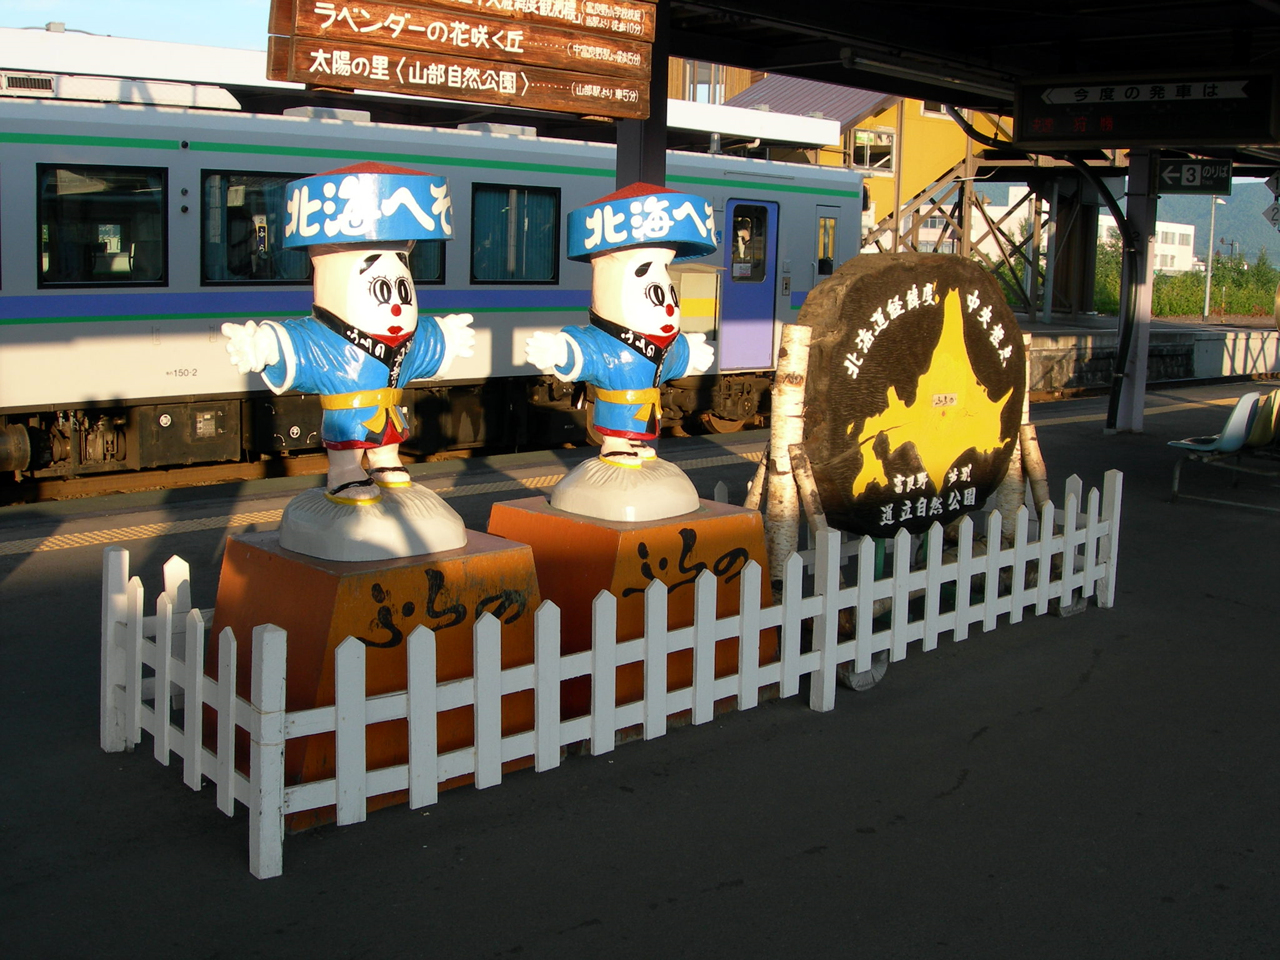 홋카이도의 중심 후라노 라벤더의 마을 후라노의 중심 JR 후라노역